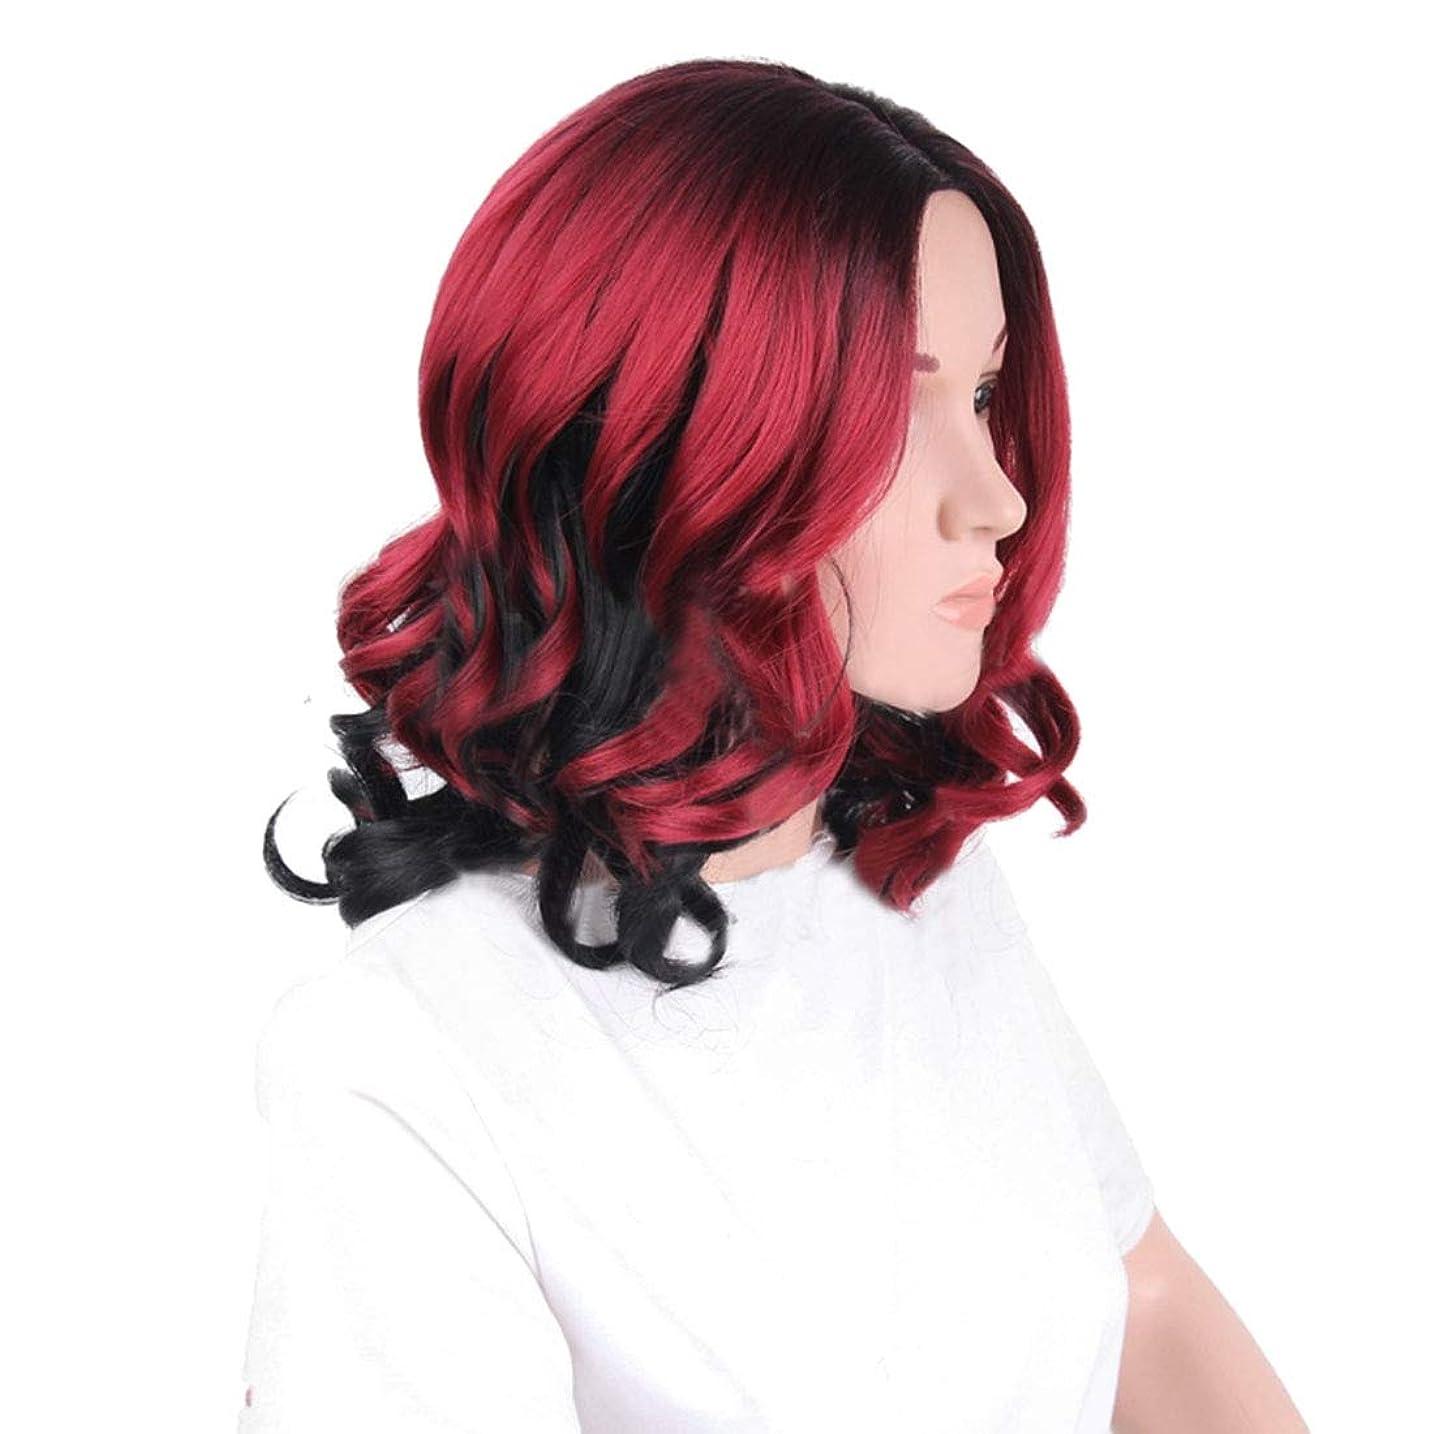 歌詞怖がって死ぬながらBOBIDYEE 女性のためのグラデーションカラーのかつら長い前髪付きの短い巻き毛のかつら耐熱ウィッグ16インチ/ 220g(ブラックグラデーションゴールド、ブラックグラデーションワインレッド)ファッションかつら (色 : Black gradient wine red)